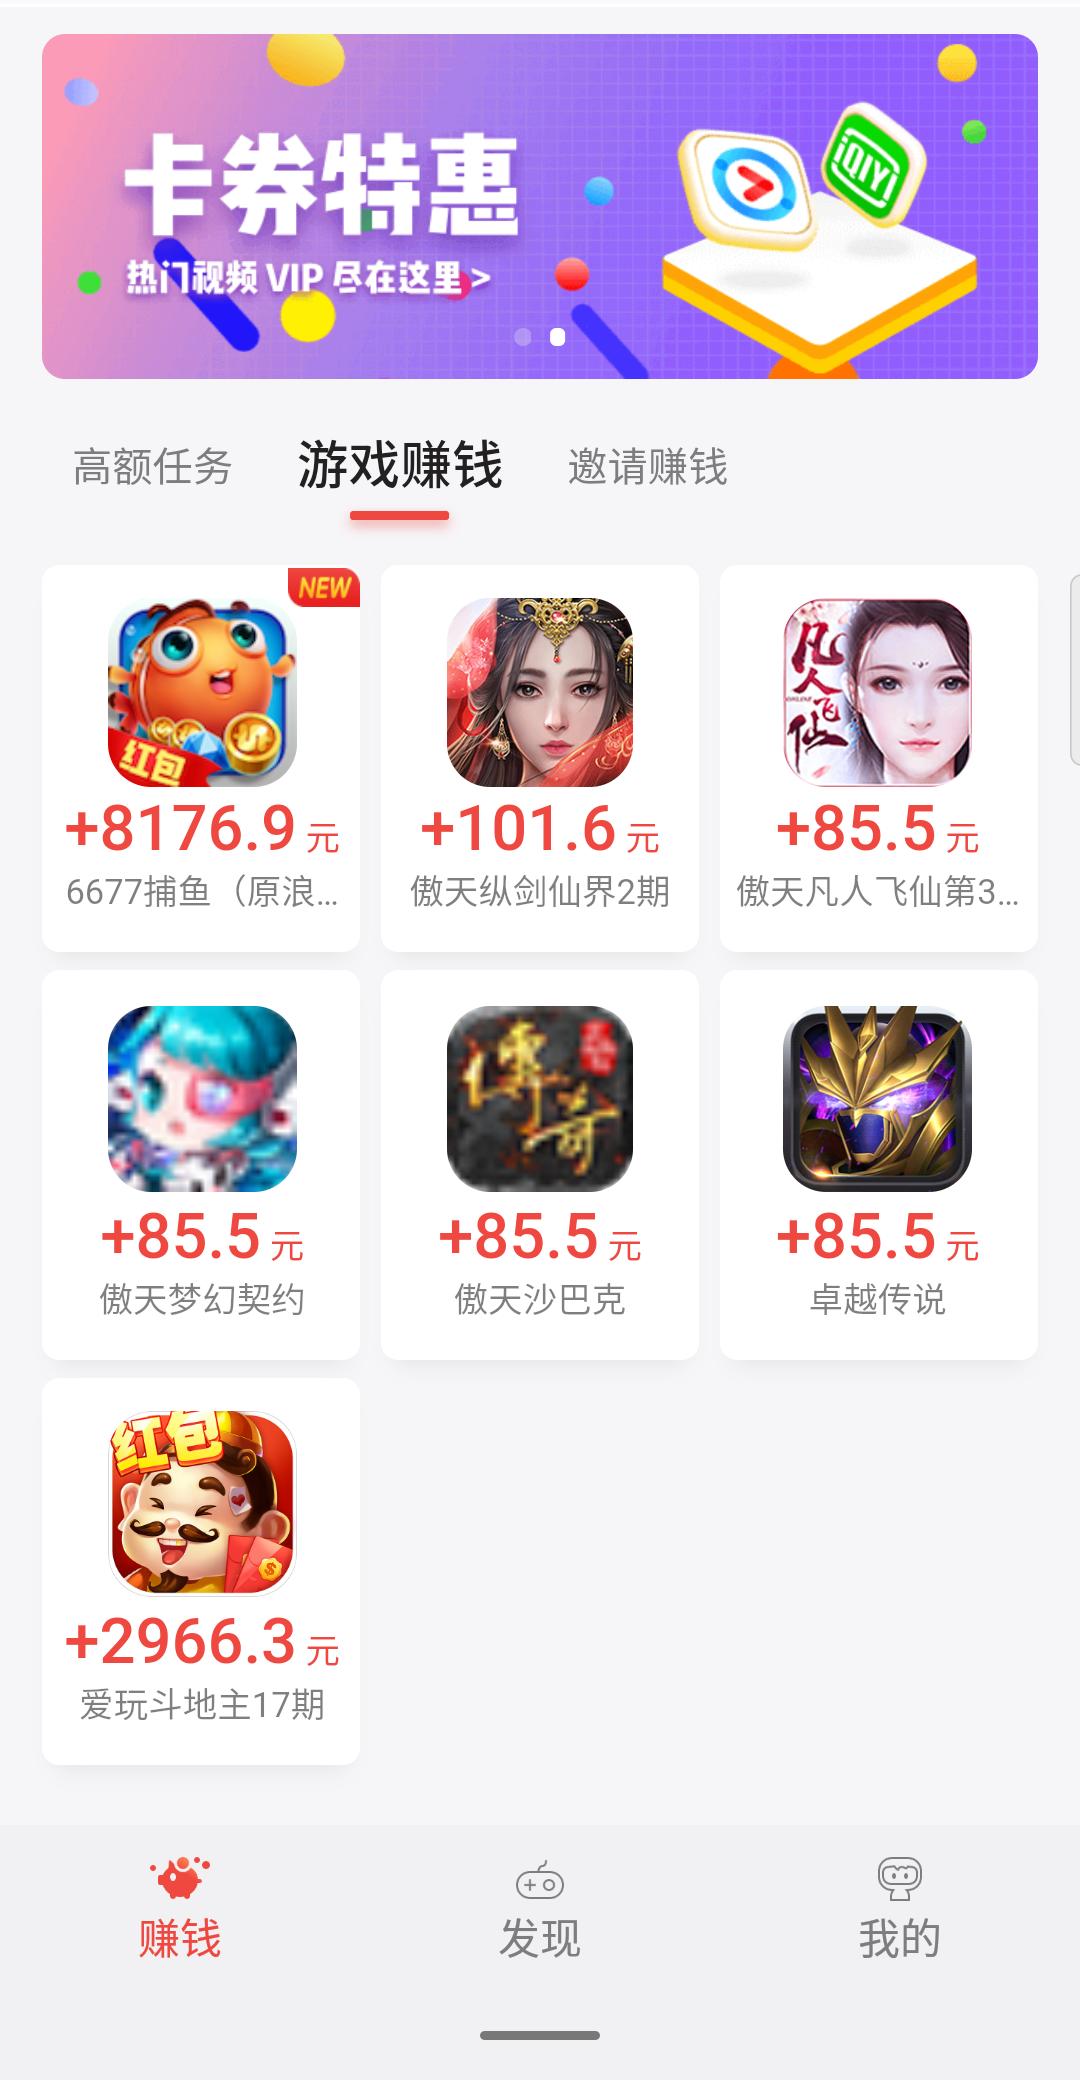 应用试客app-应用试客骗局曝光